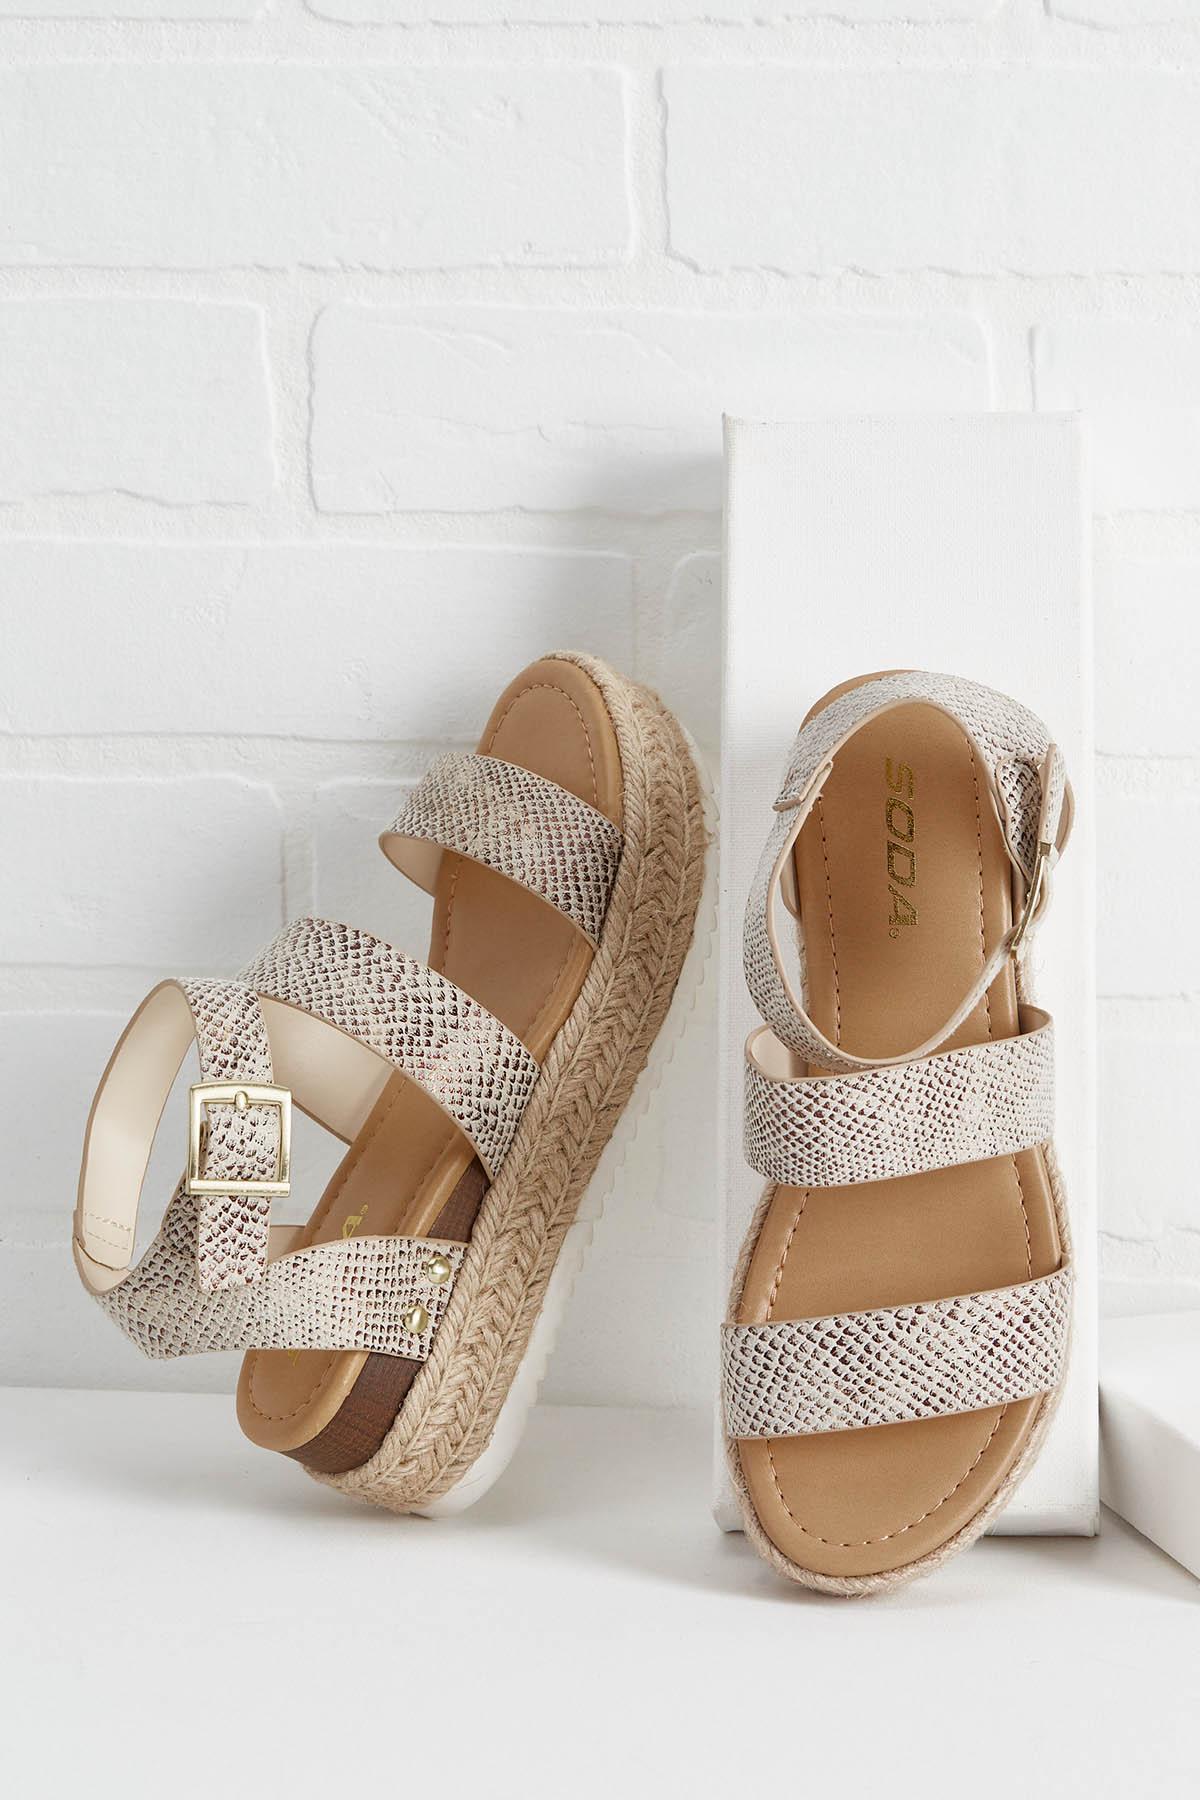 Snakeskin Flatform Sandals